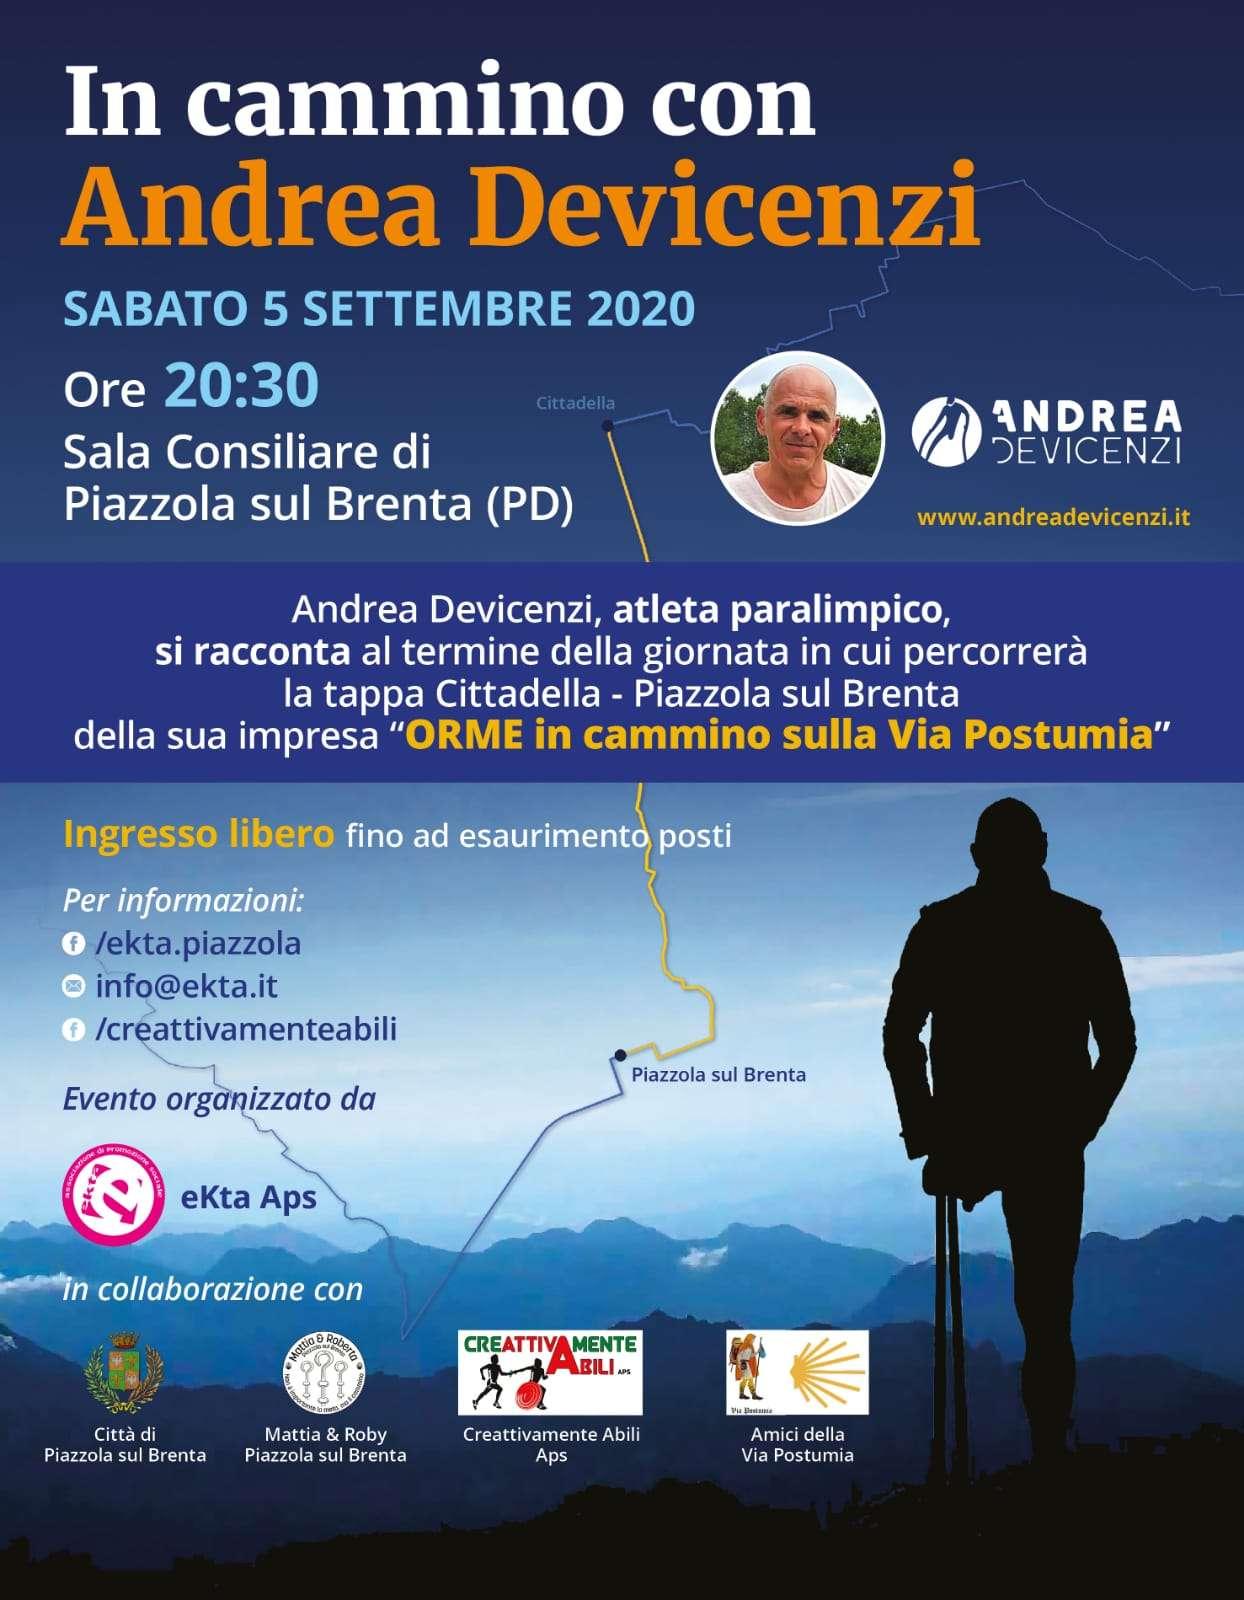 In cammino con Andrea